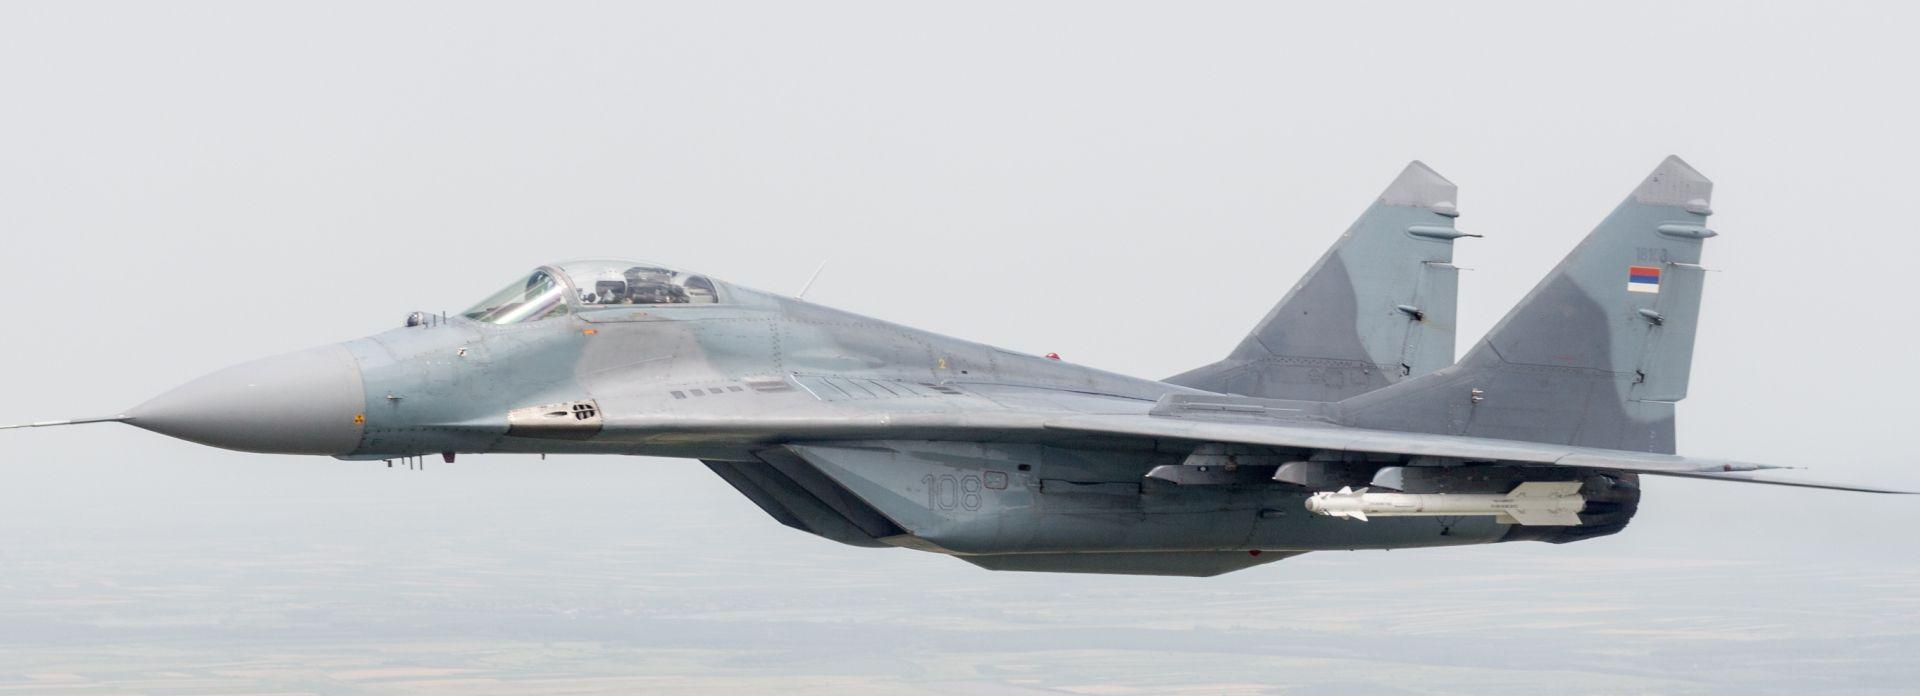 MORH Redovne letačke aktivnosti zrakoplova MIG-21, moguće probijanje zvučnog zida